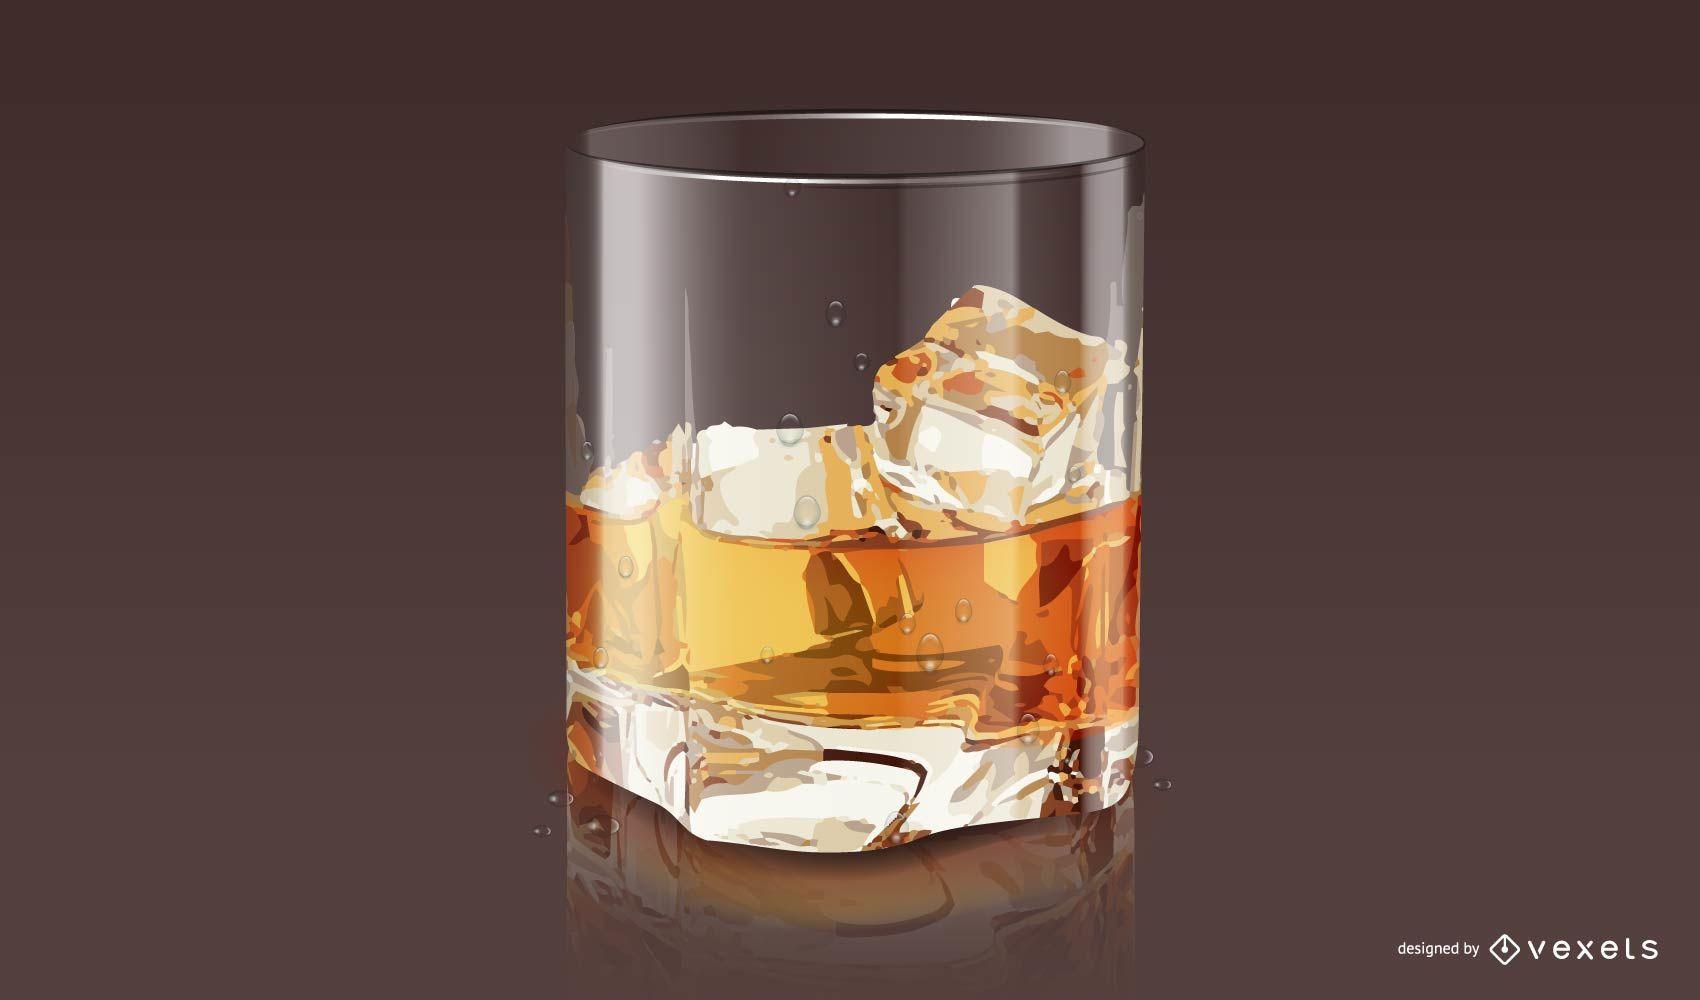 Diseño de vaso de whisky realista